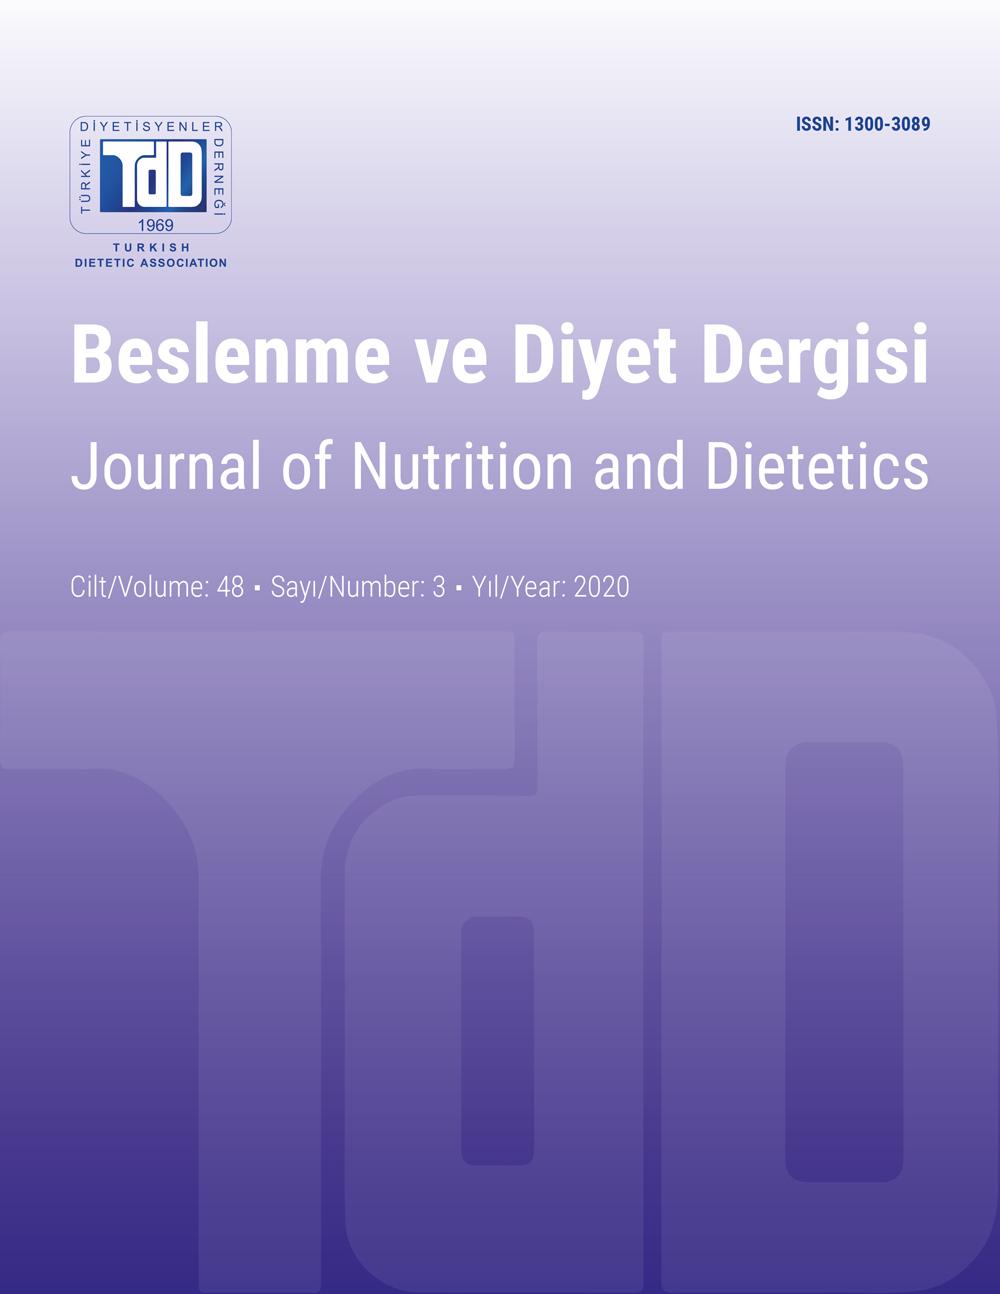 Beslenme ve Diyet Cilt 48 Sayı 3